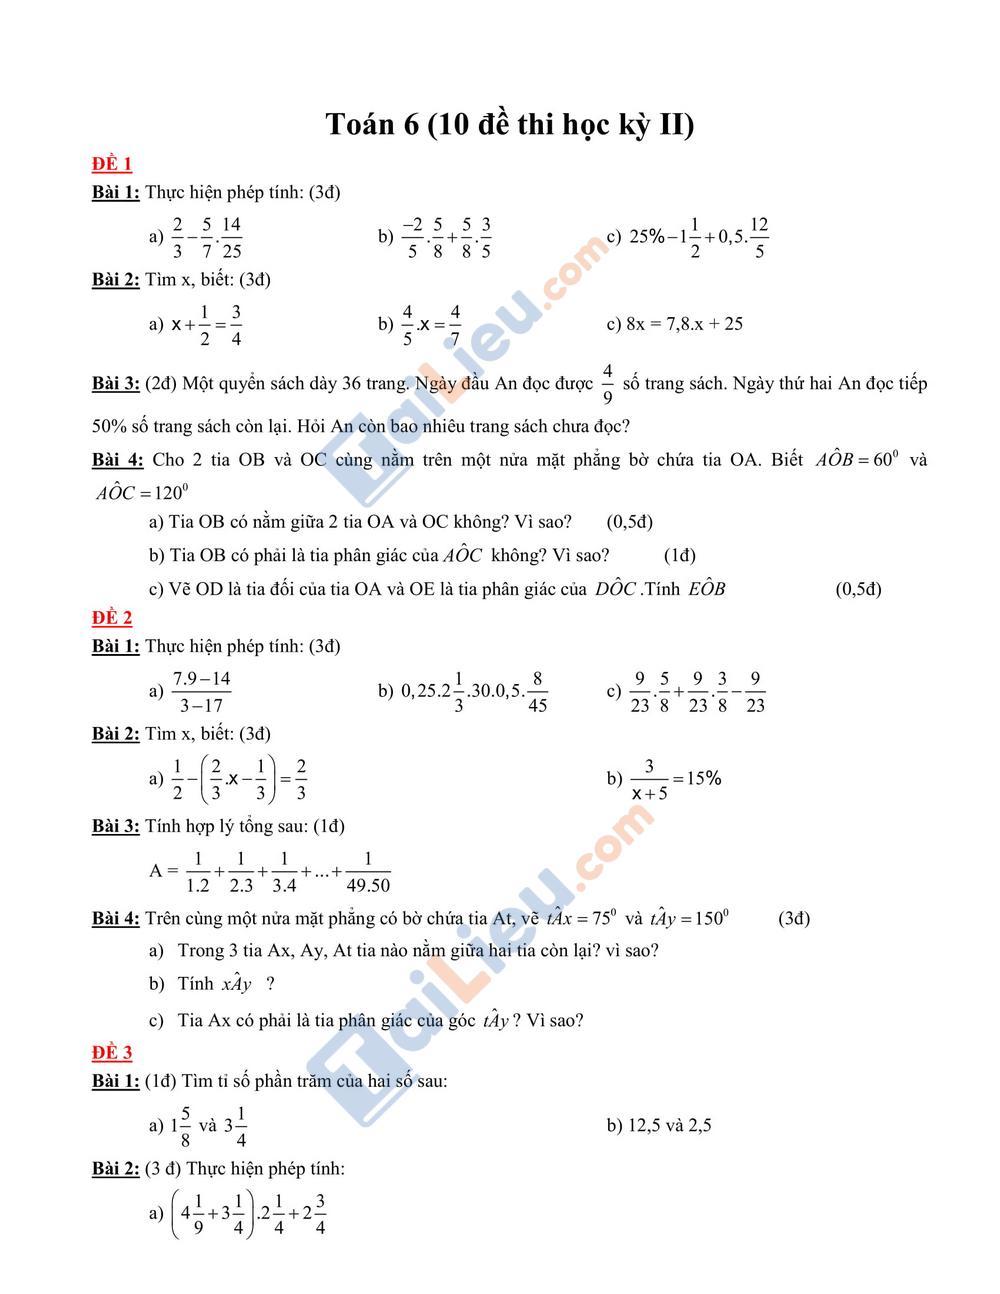 Đề thi học kỳ 2 môn toán lớp 6 2020 mới nhất_1